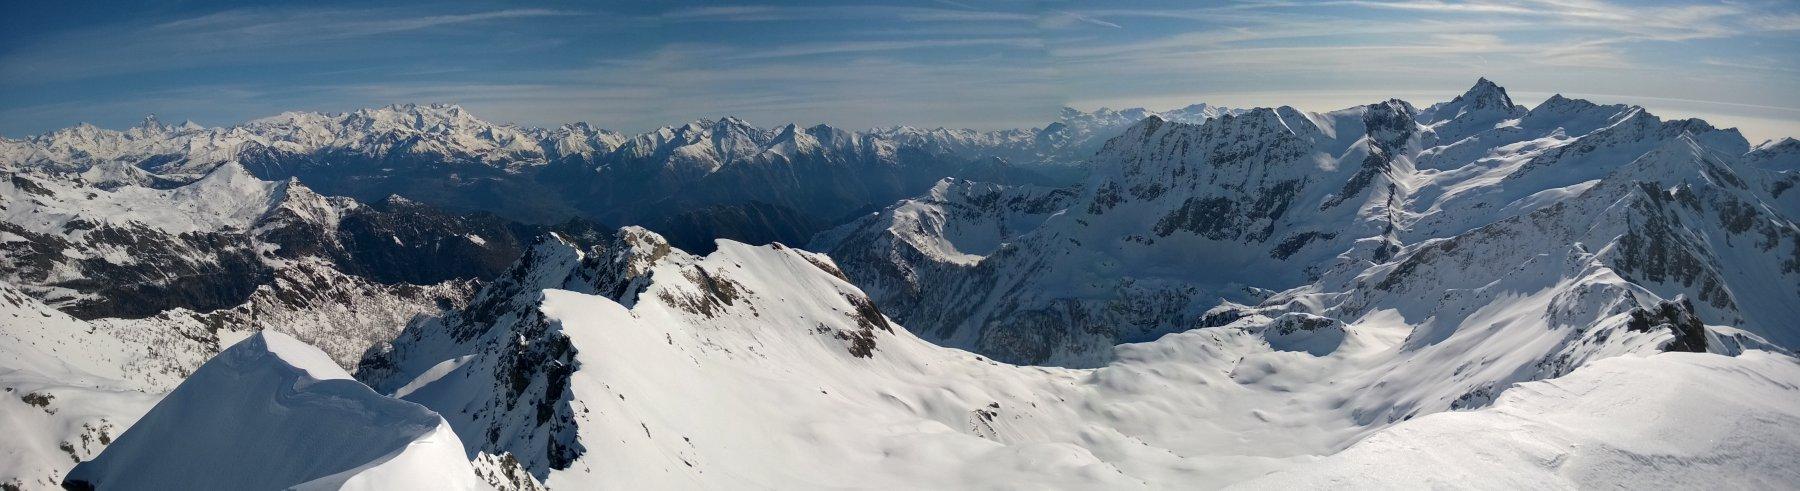 Dalla cima. Panoramica verso nord-est